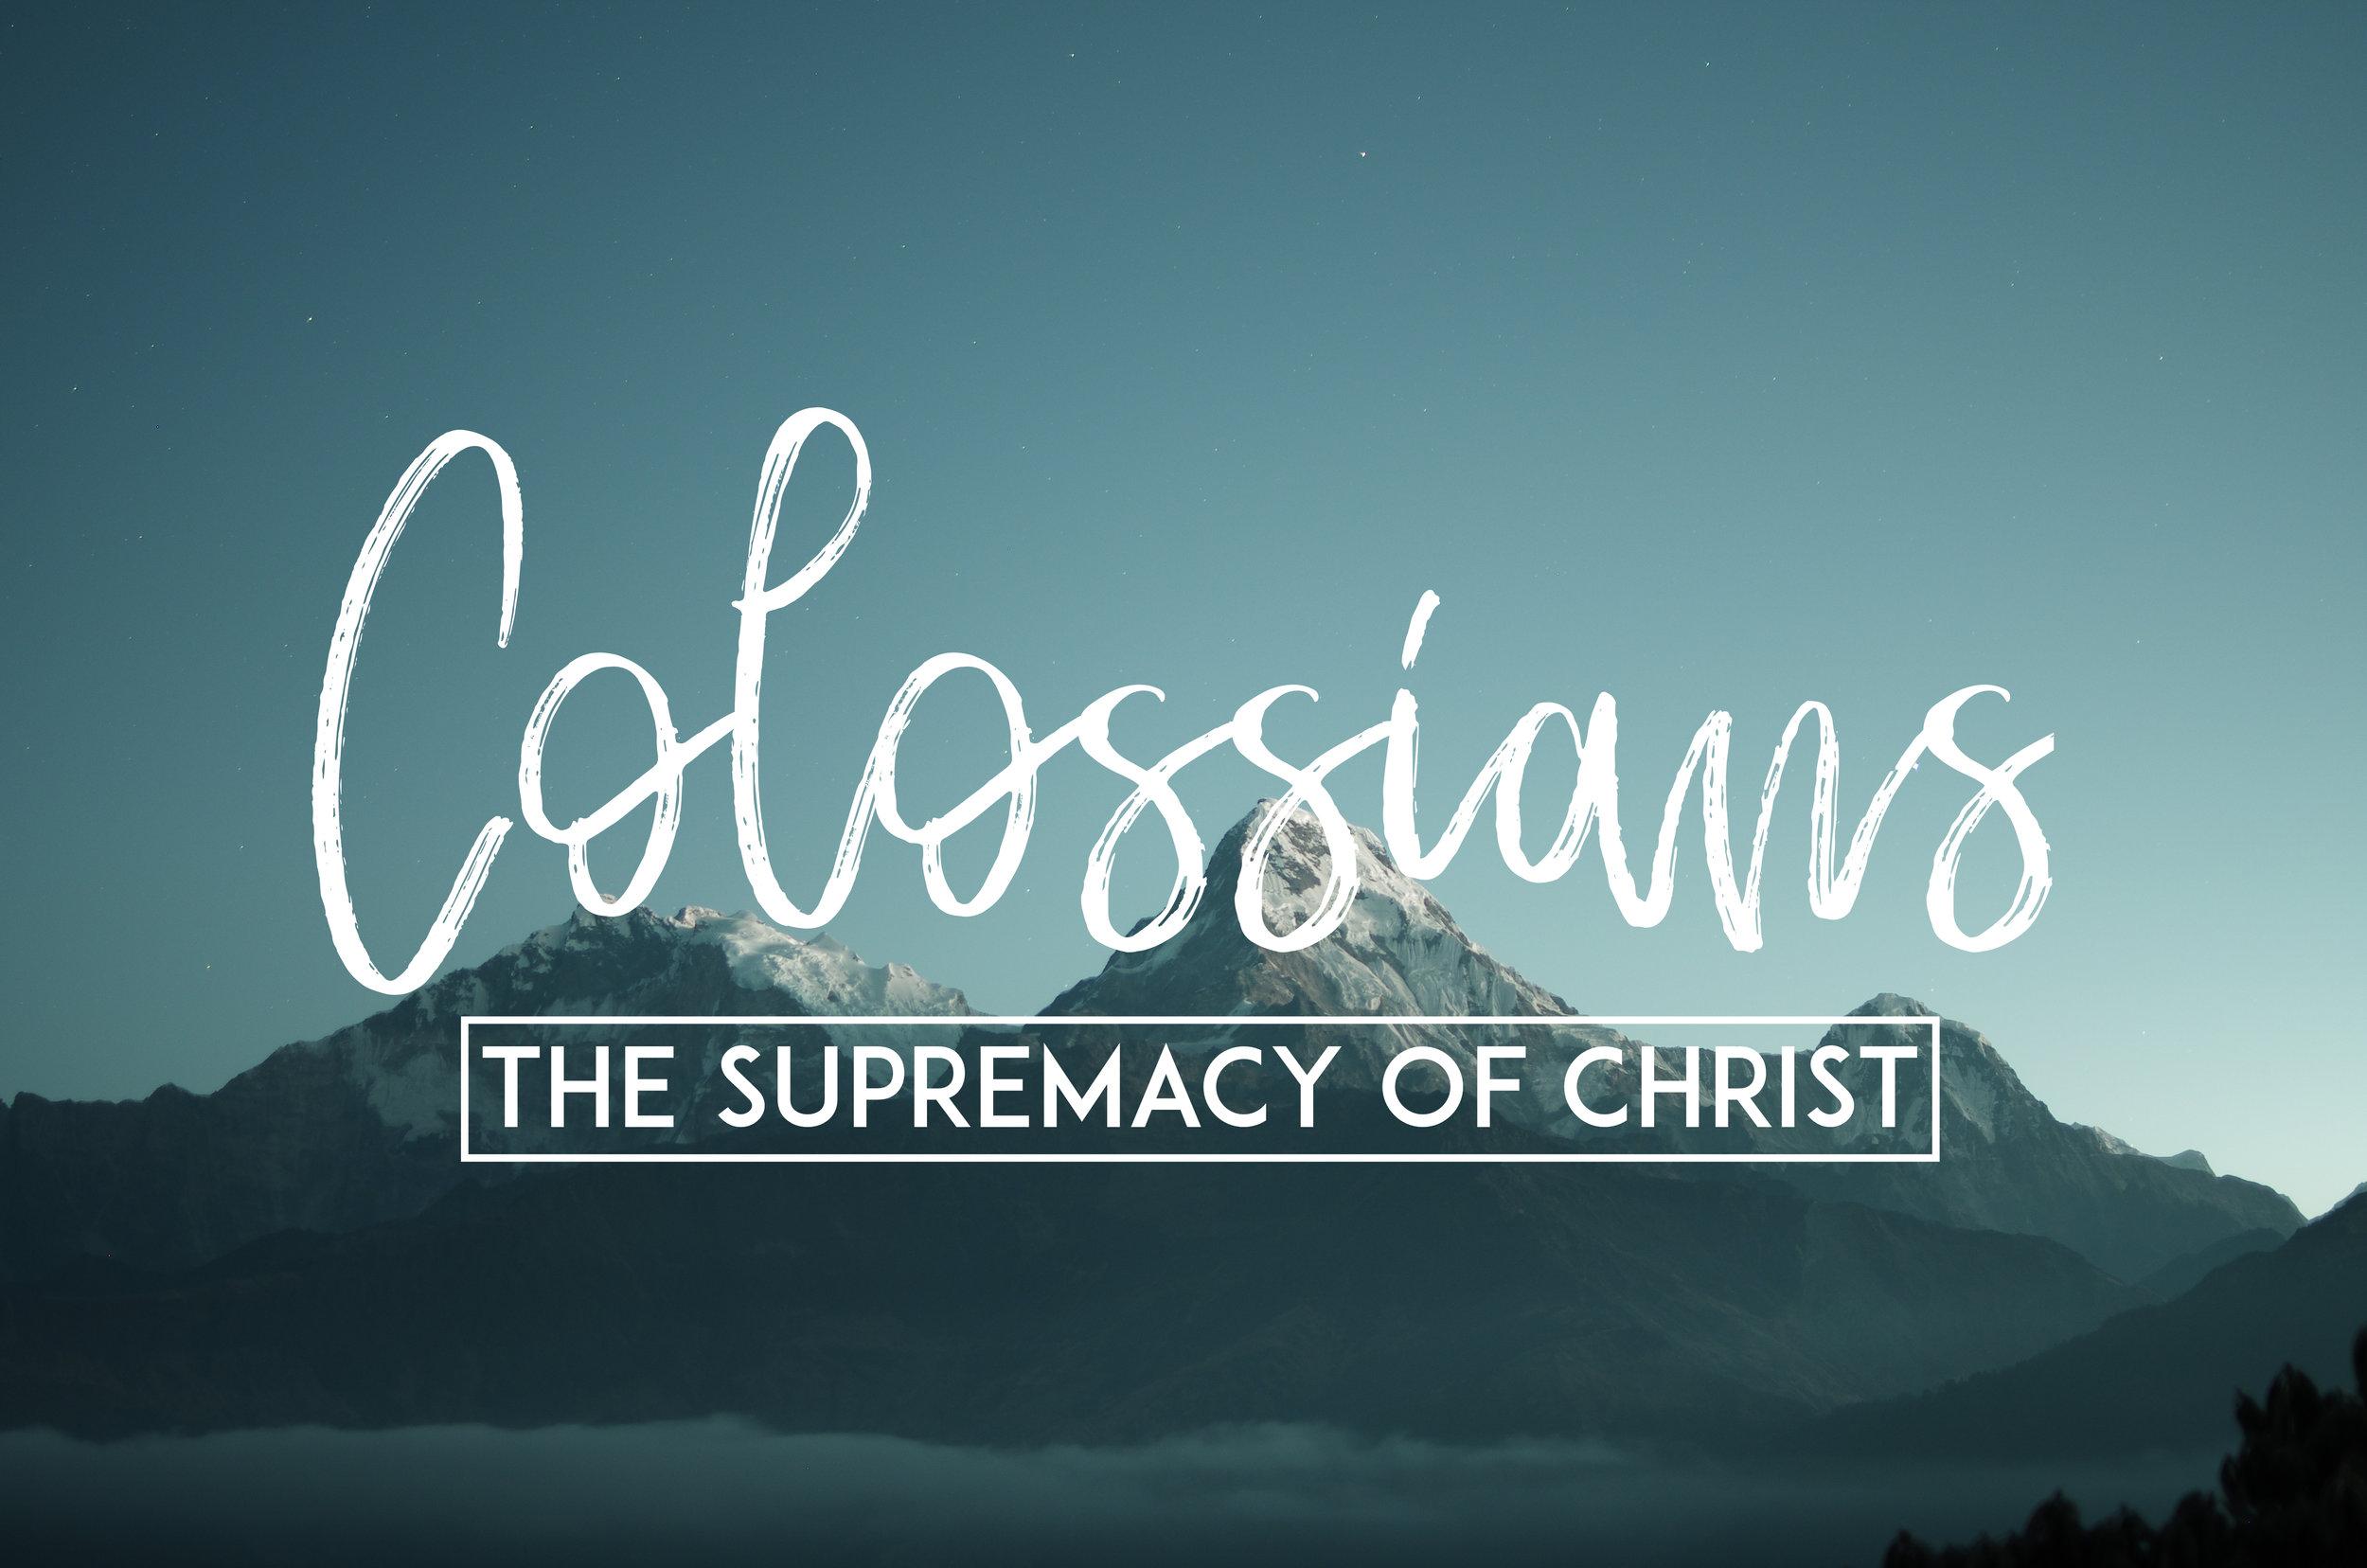 Colossians Graphic.jpg